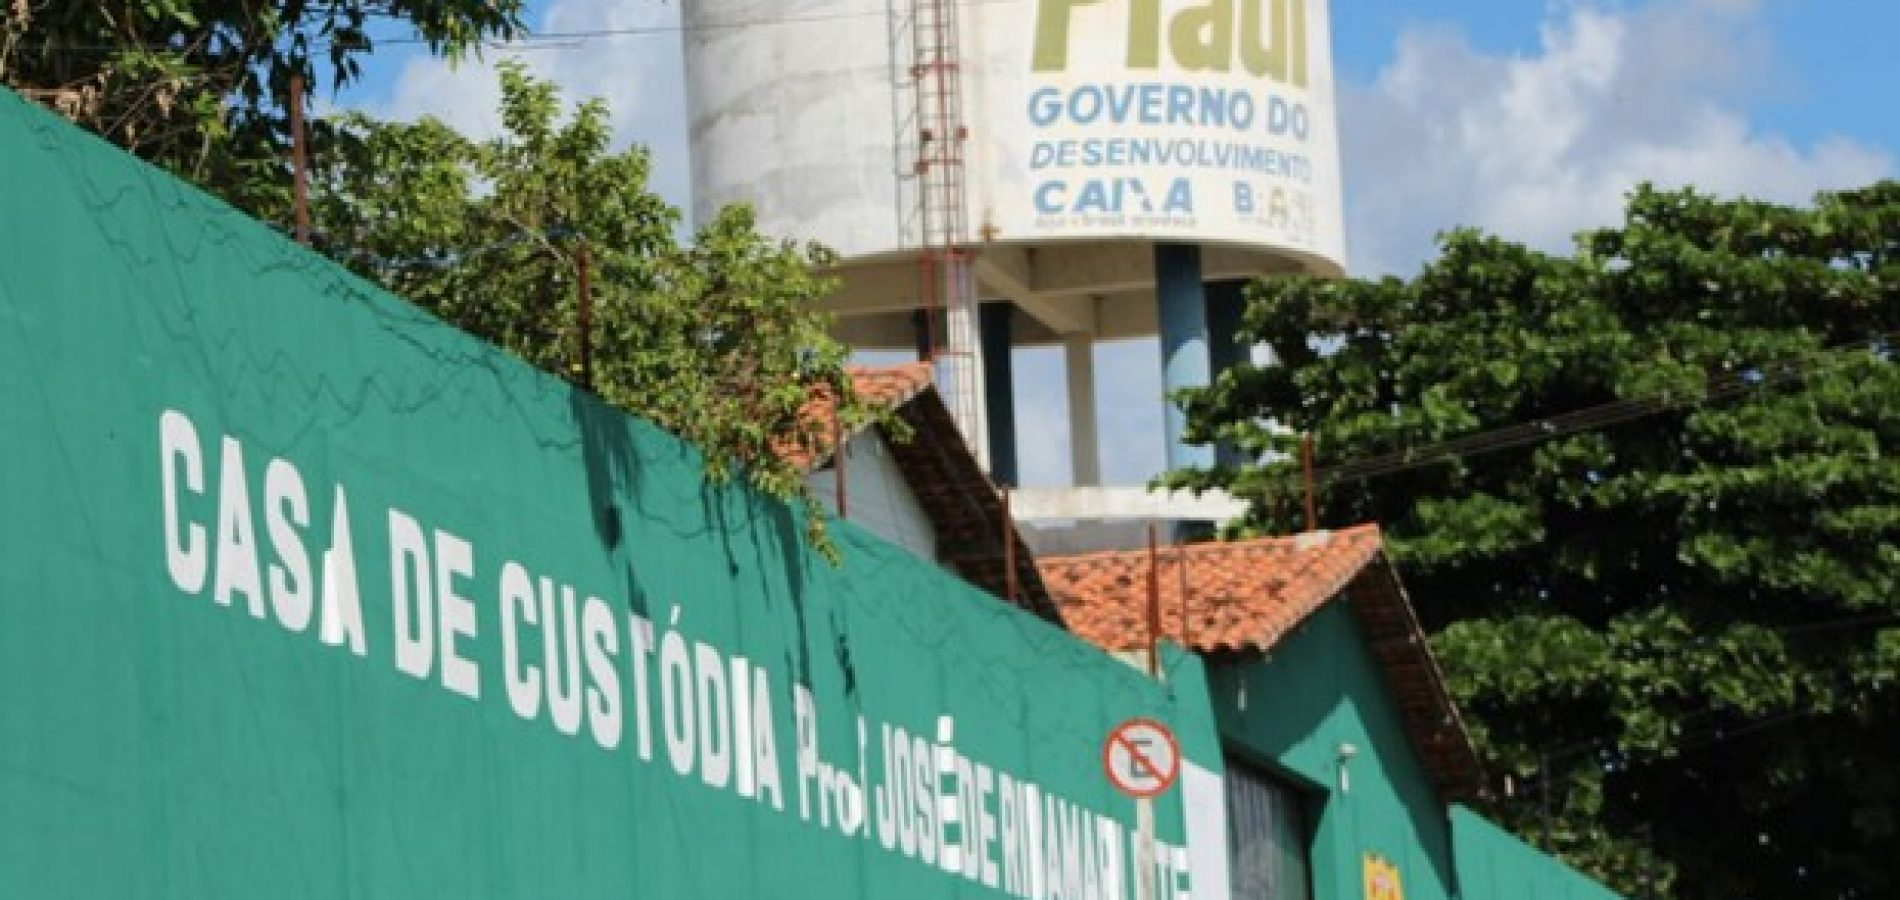 Juiz condena Estado do Piauí a indenizar preso baleado em rebelião